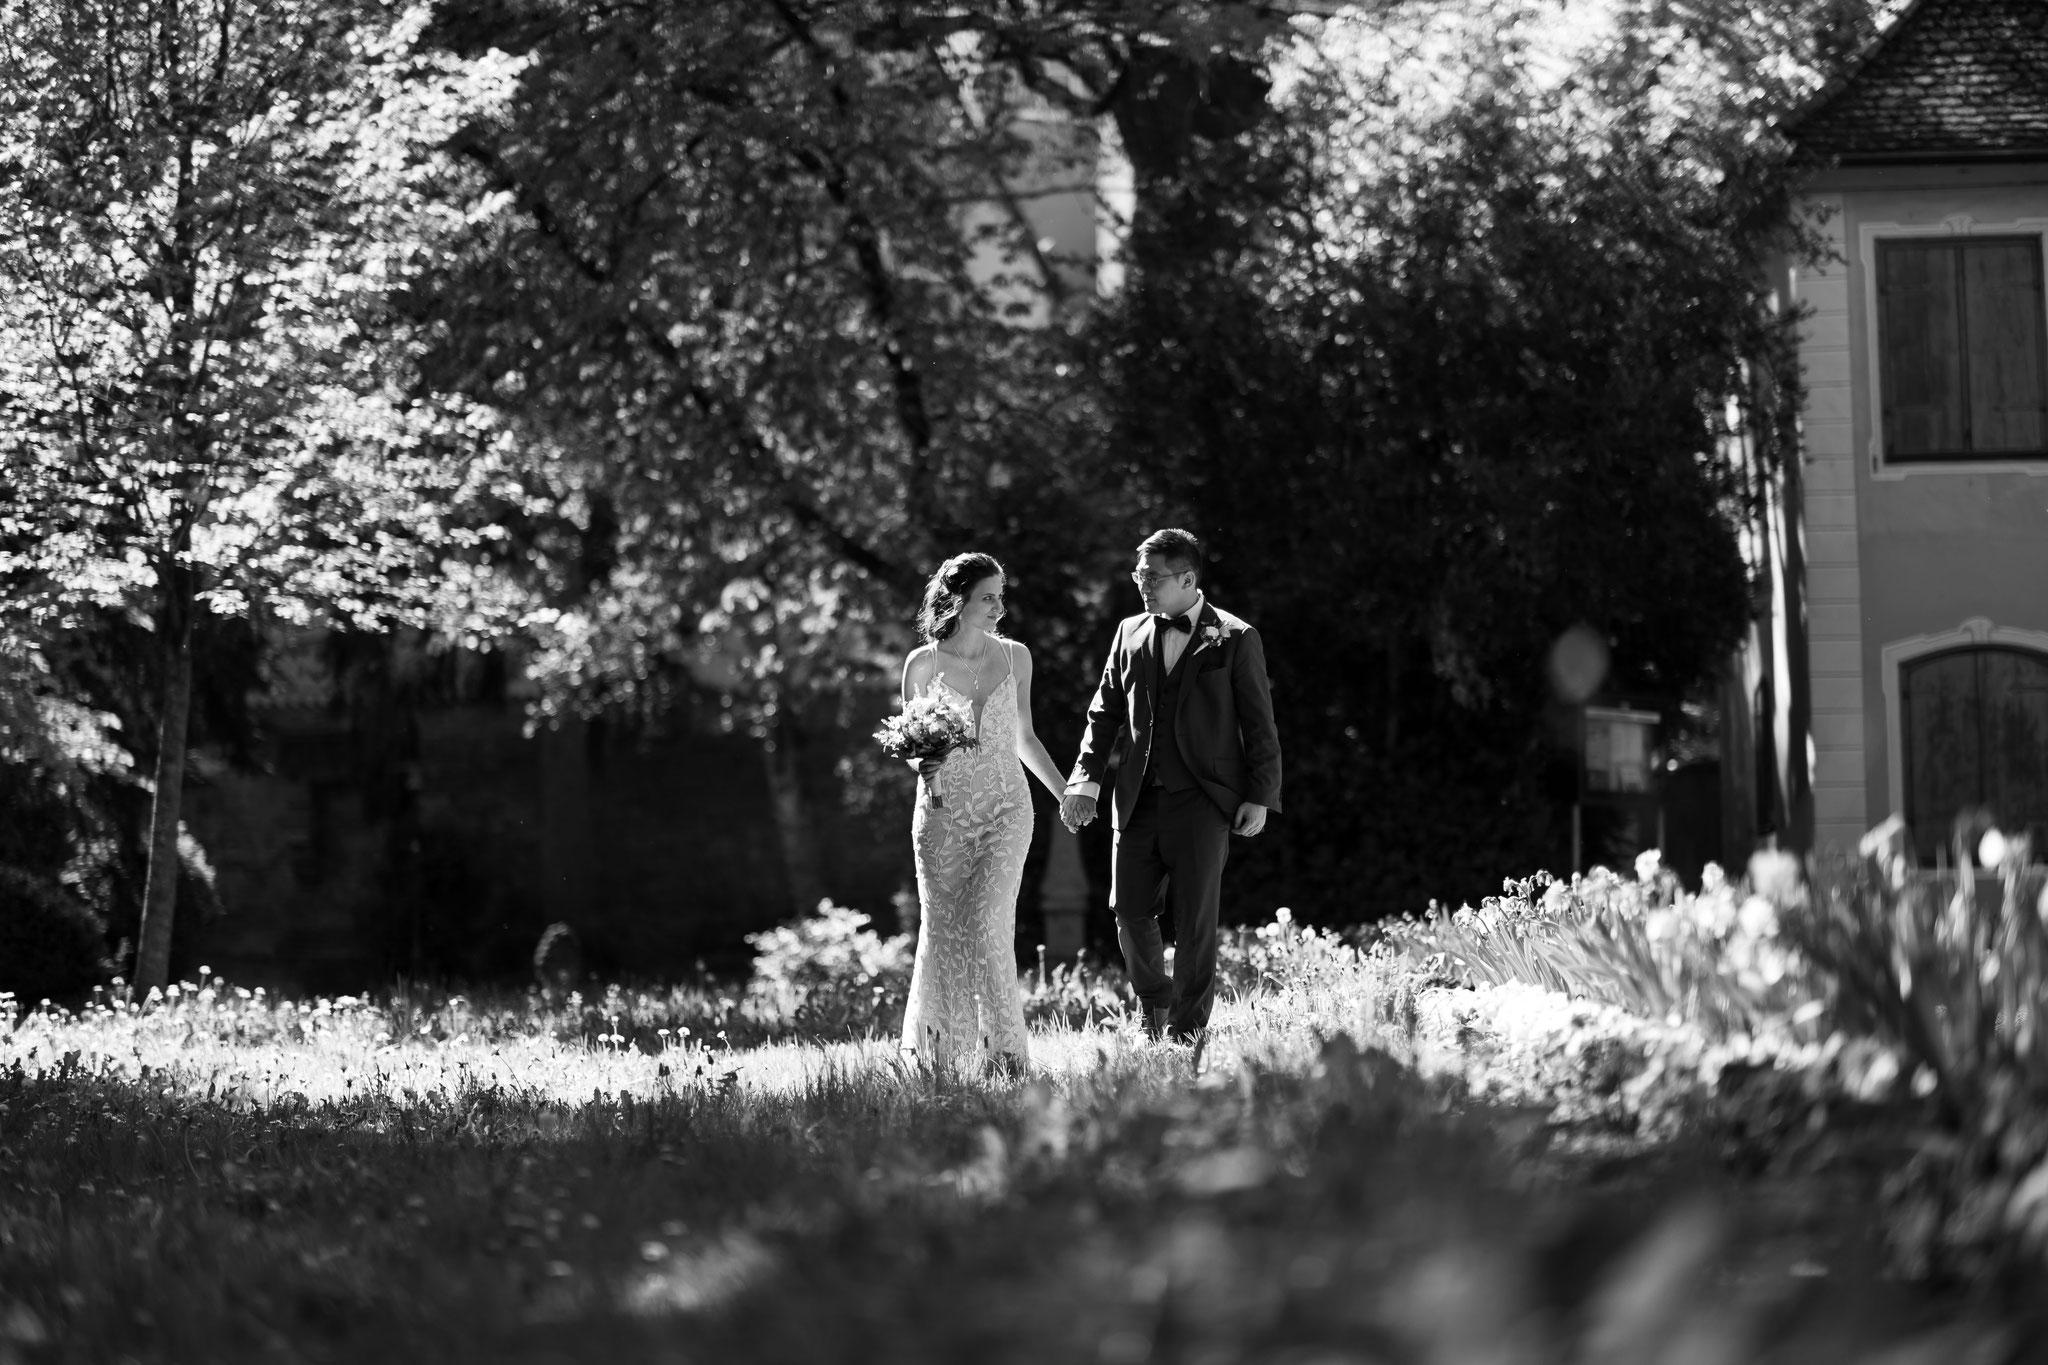 Kamerateam für authentische und professionelle Hochzeitsfotos und Hochzeitsfilme in Memmingen und Bayern